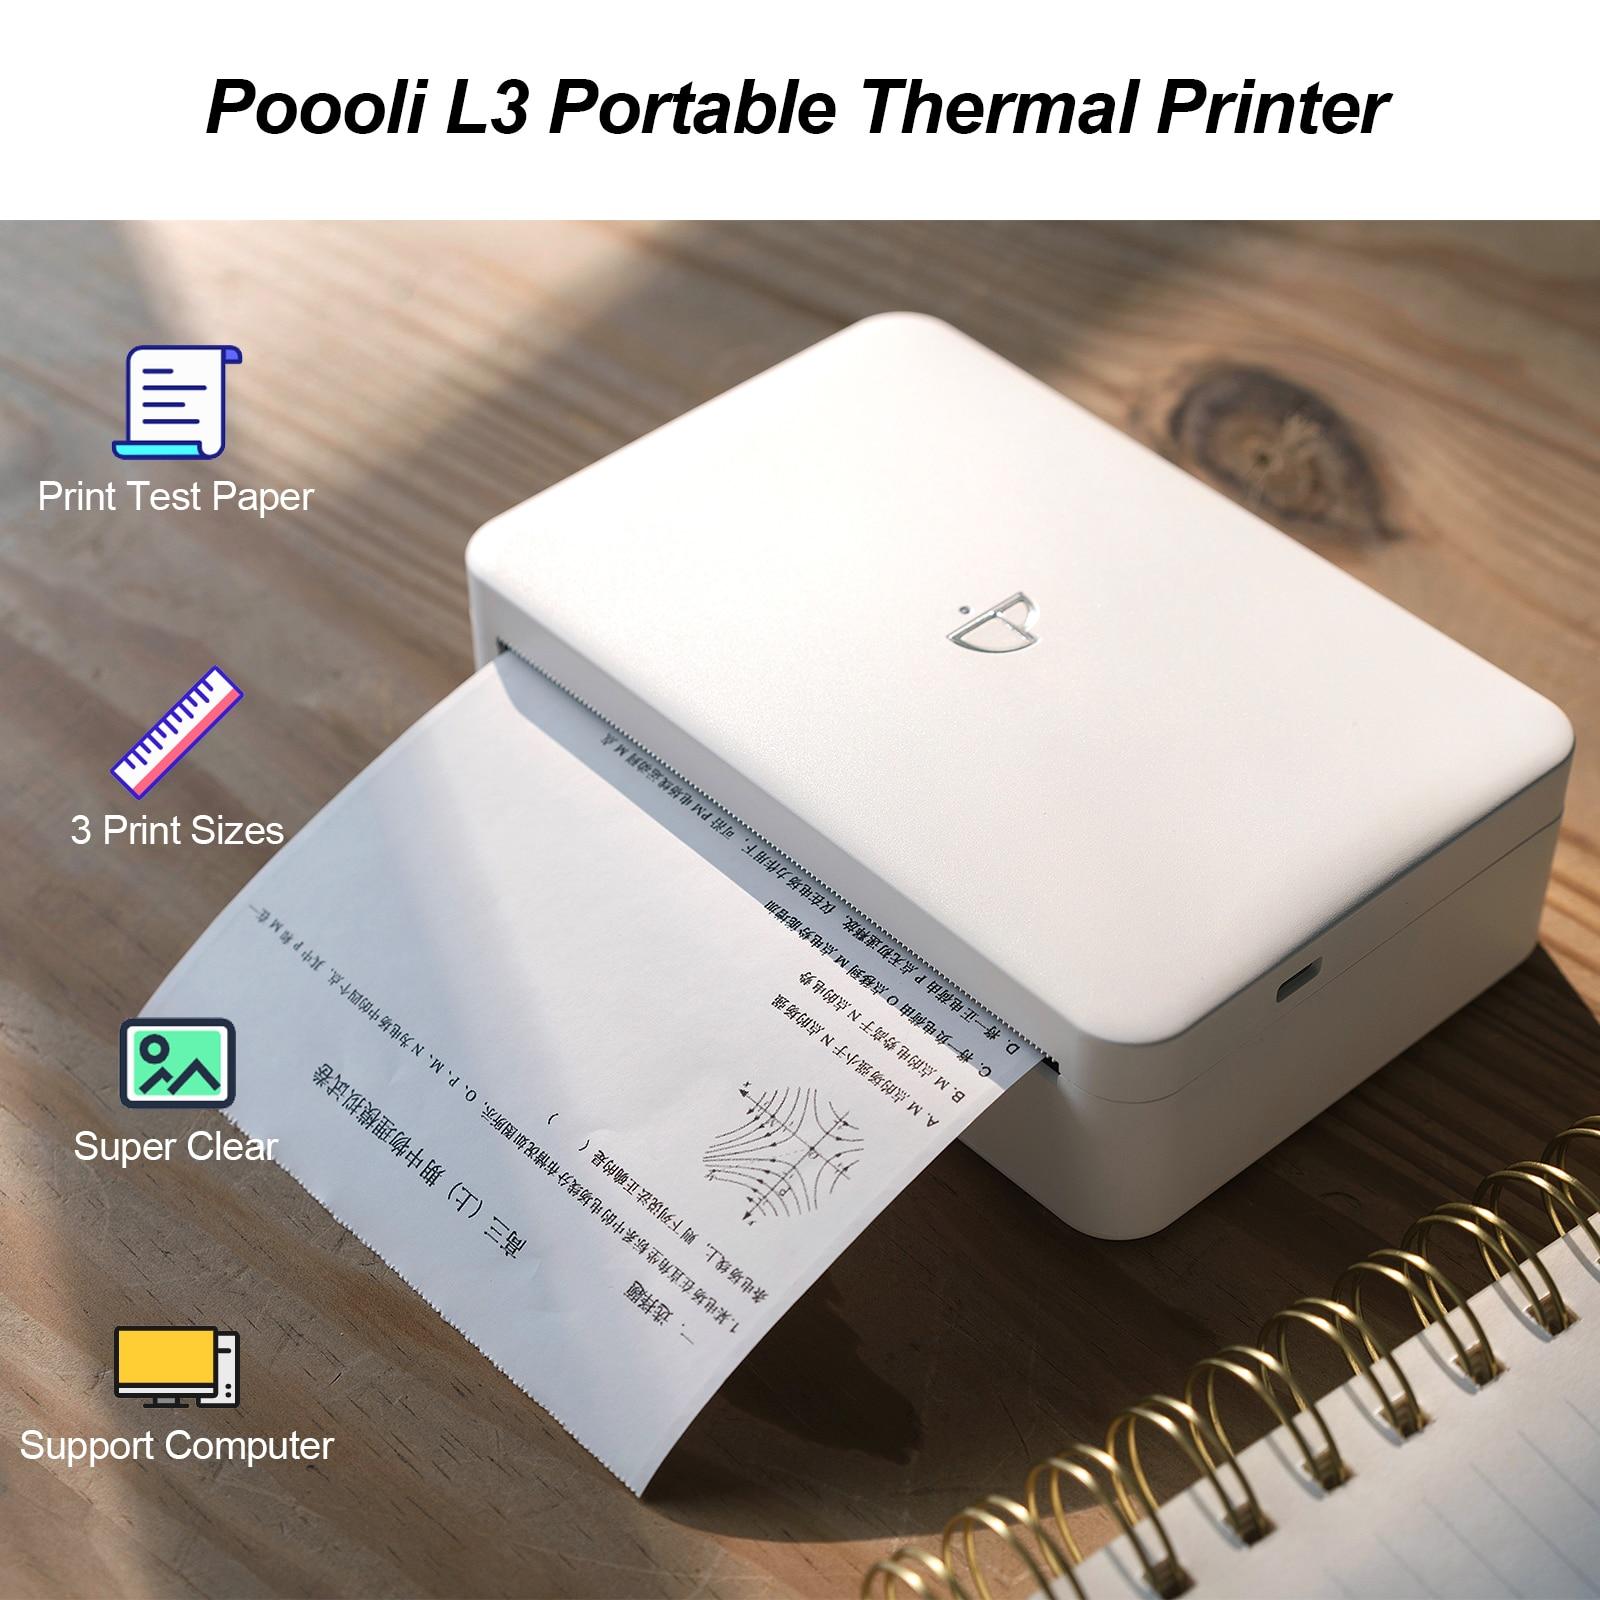 Портативный термопринтер 300 точек/дюйм, 57,5 мм/79,5 мм/110 мм, ширина бумаги, Poooli L3 BT, беспроводной фотопринтер, режим шкалы серого, наклейка на этикетку